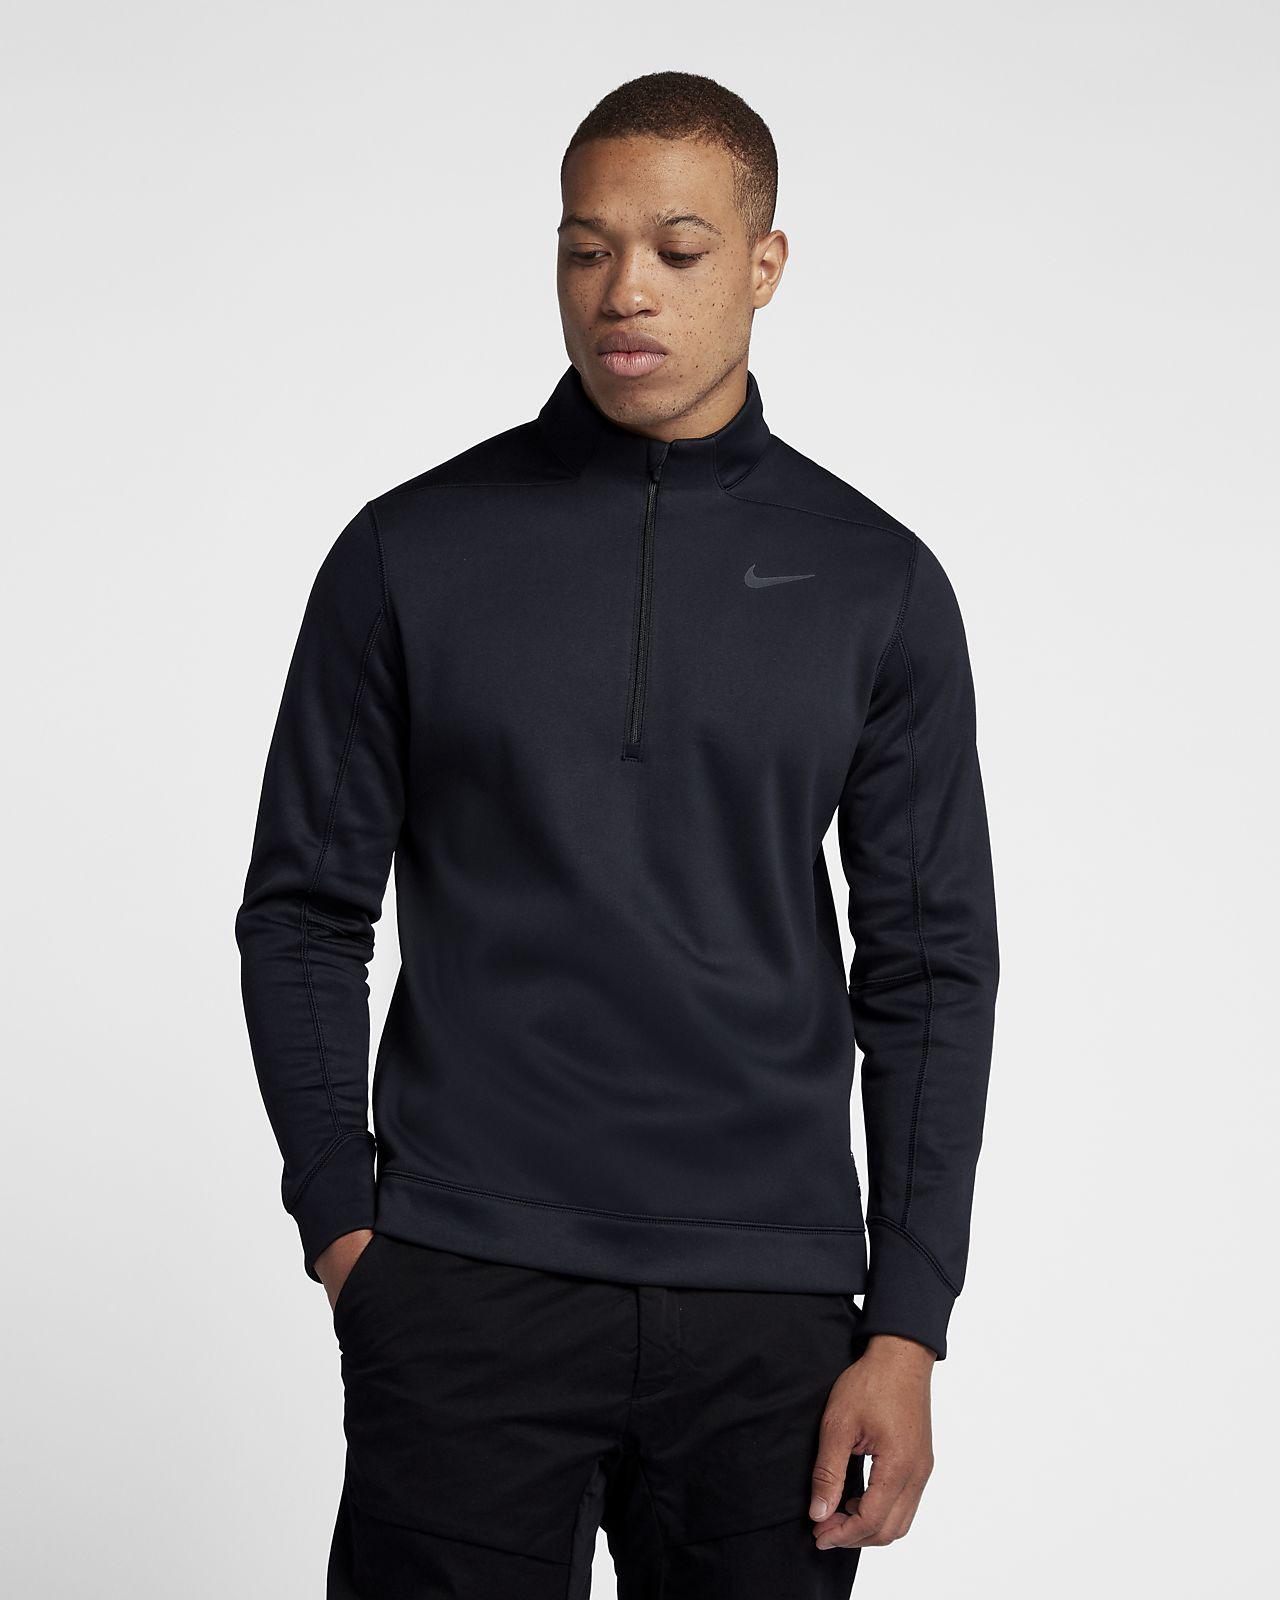 Maglia da golf con zip a metà lunghezza Nike Therma Repel - Uomo